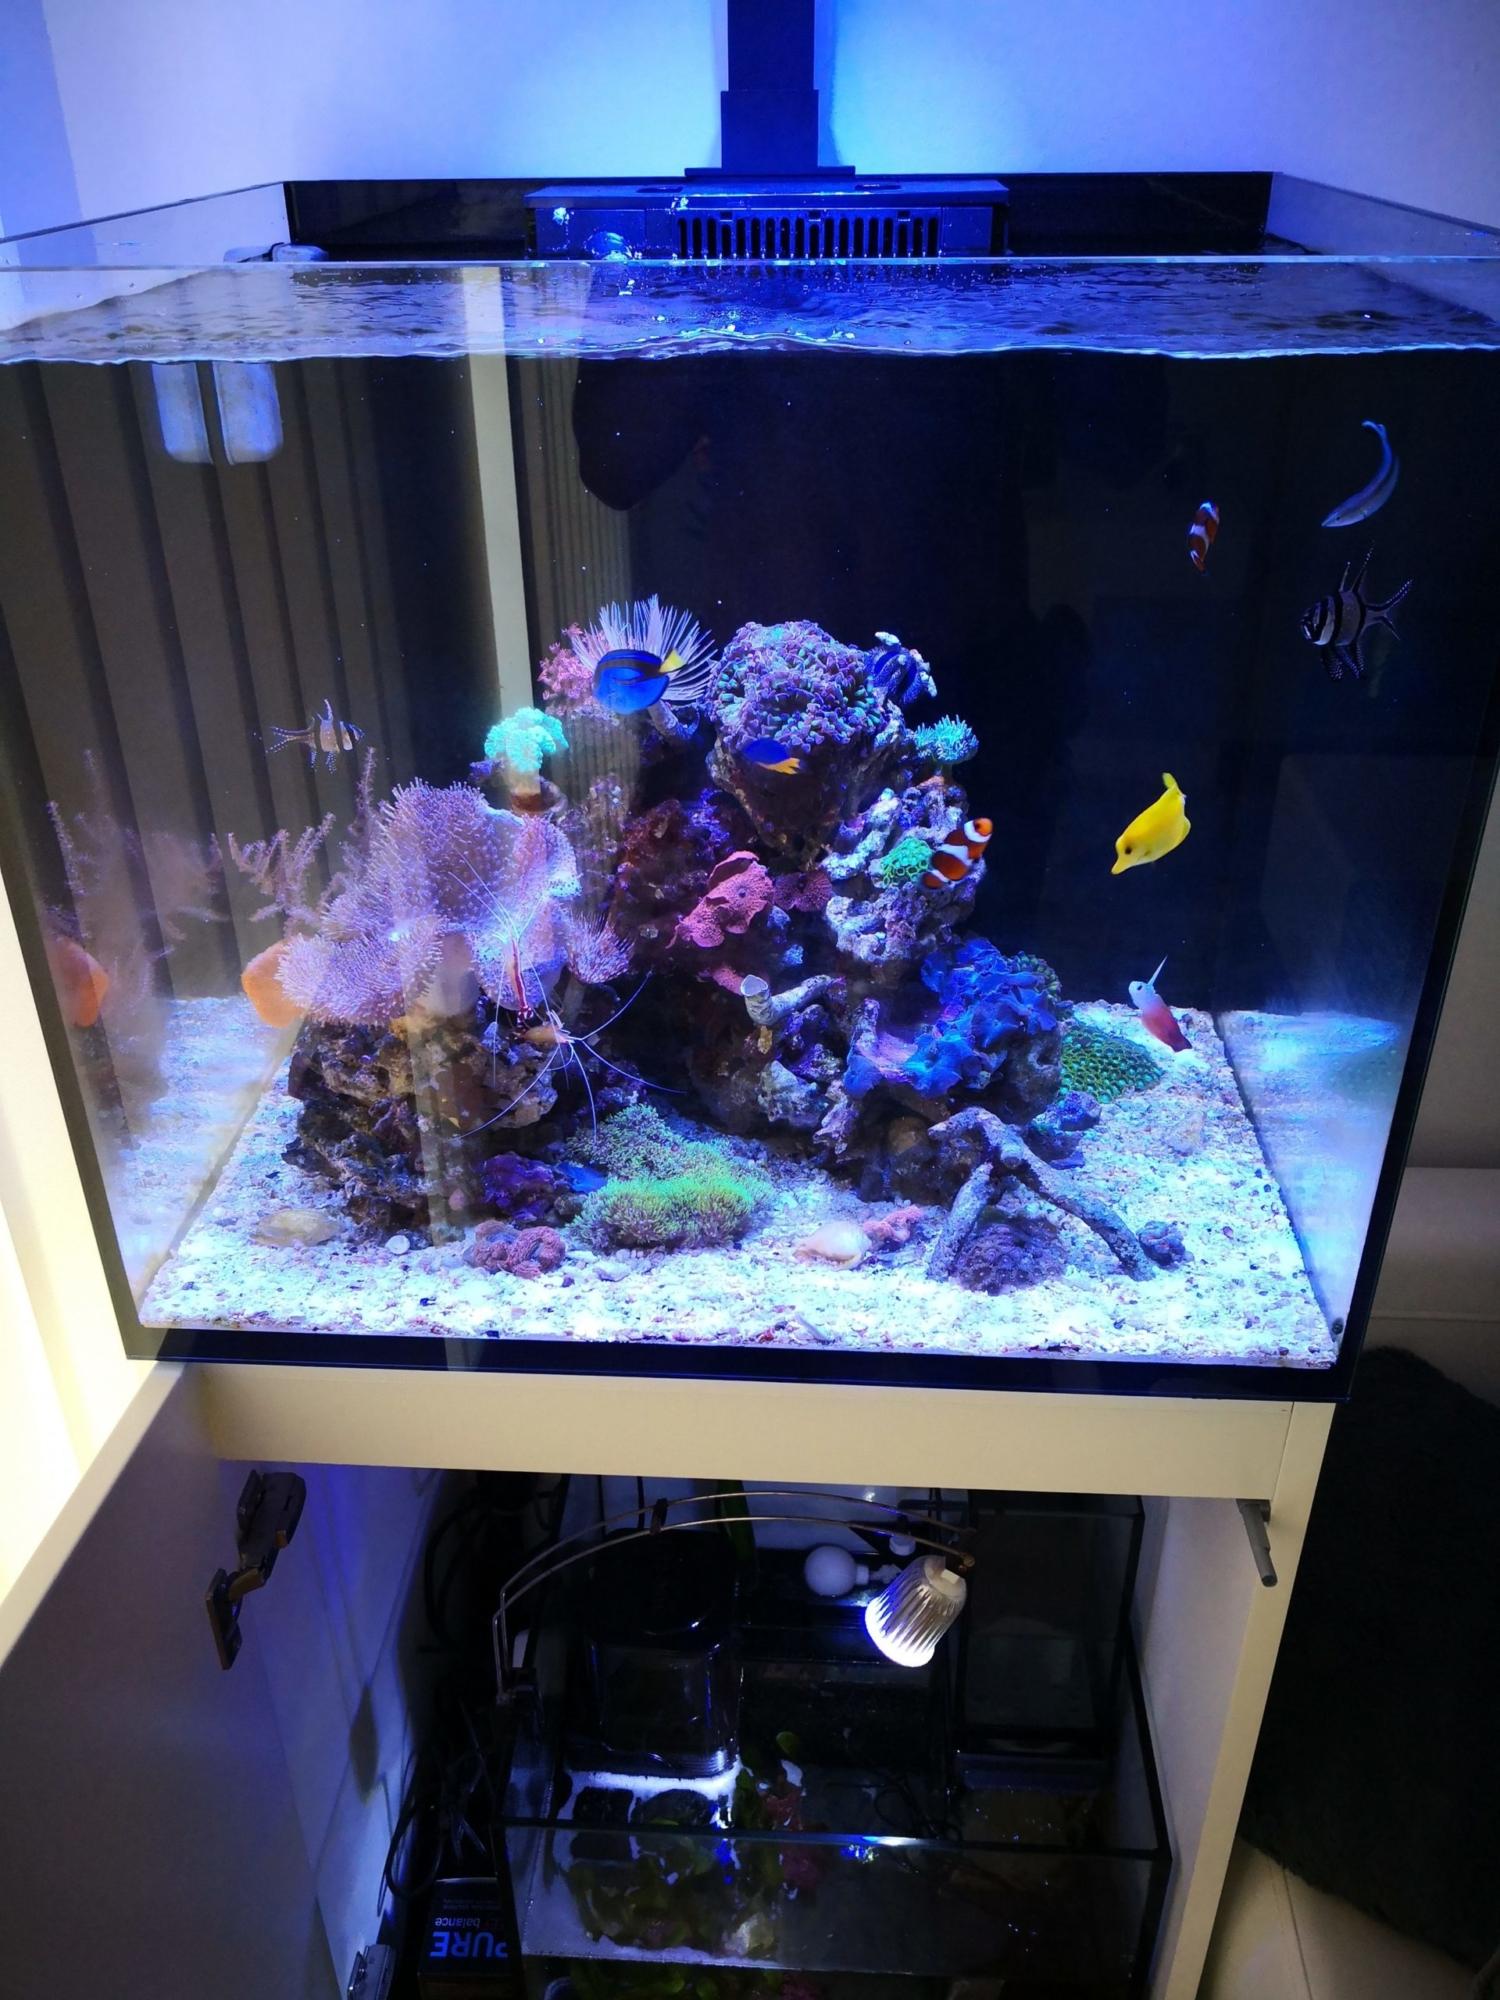 Mořské akvárium - komplet Red Sea reefer 170